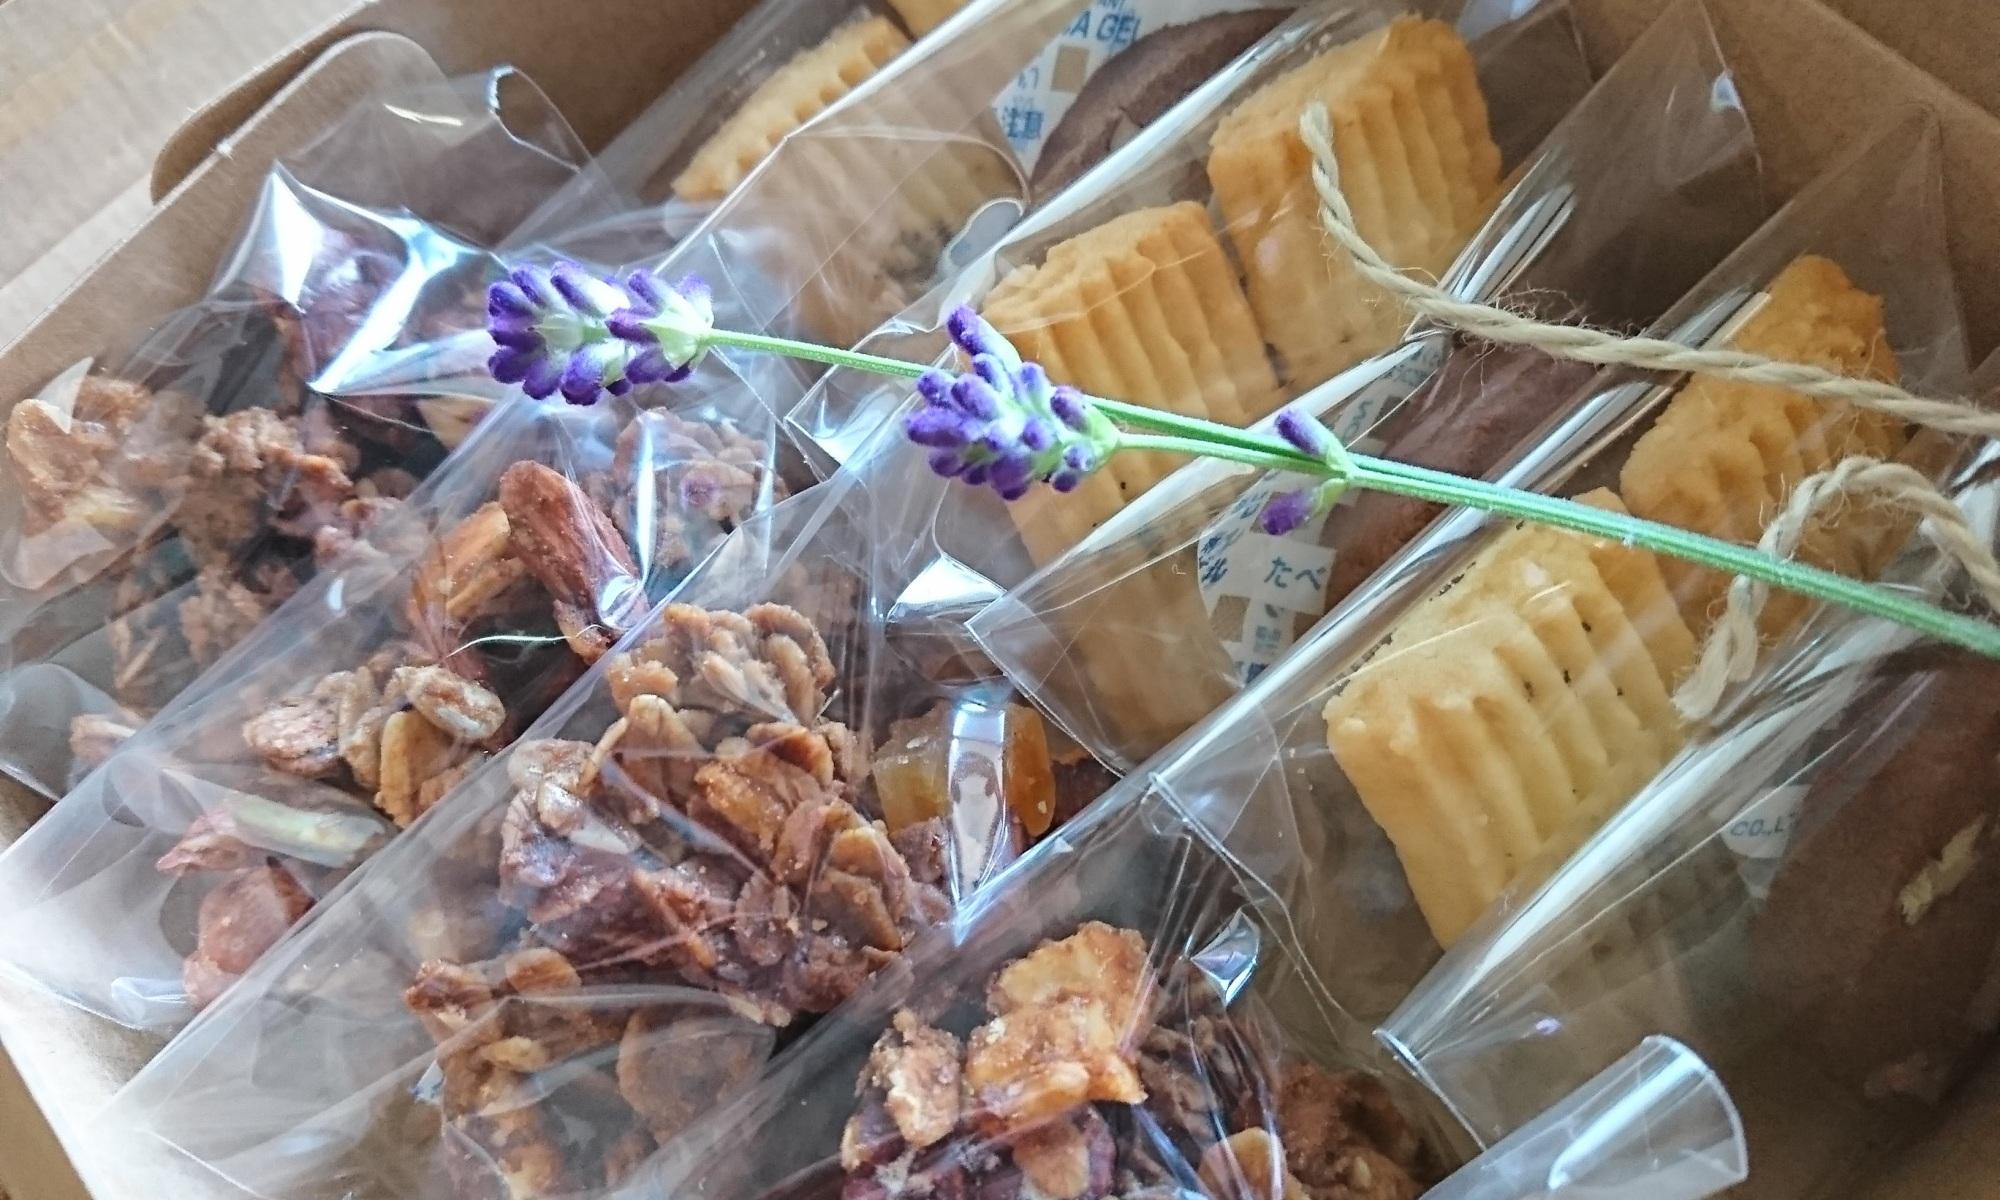 箱詰めされた焼き菓子たち